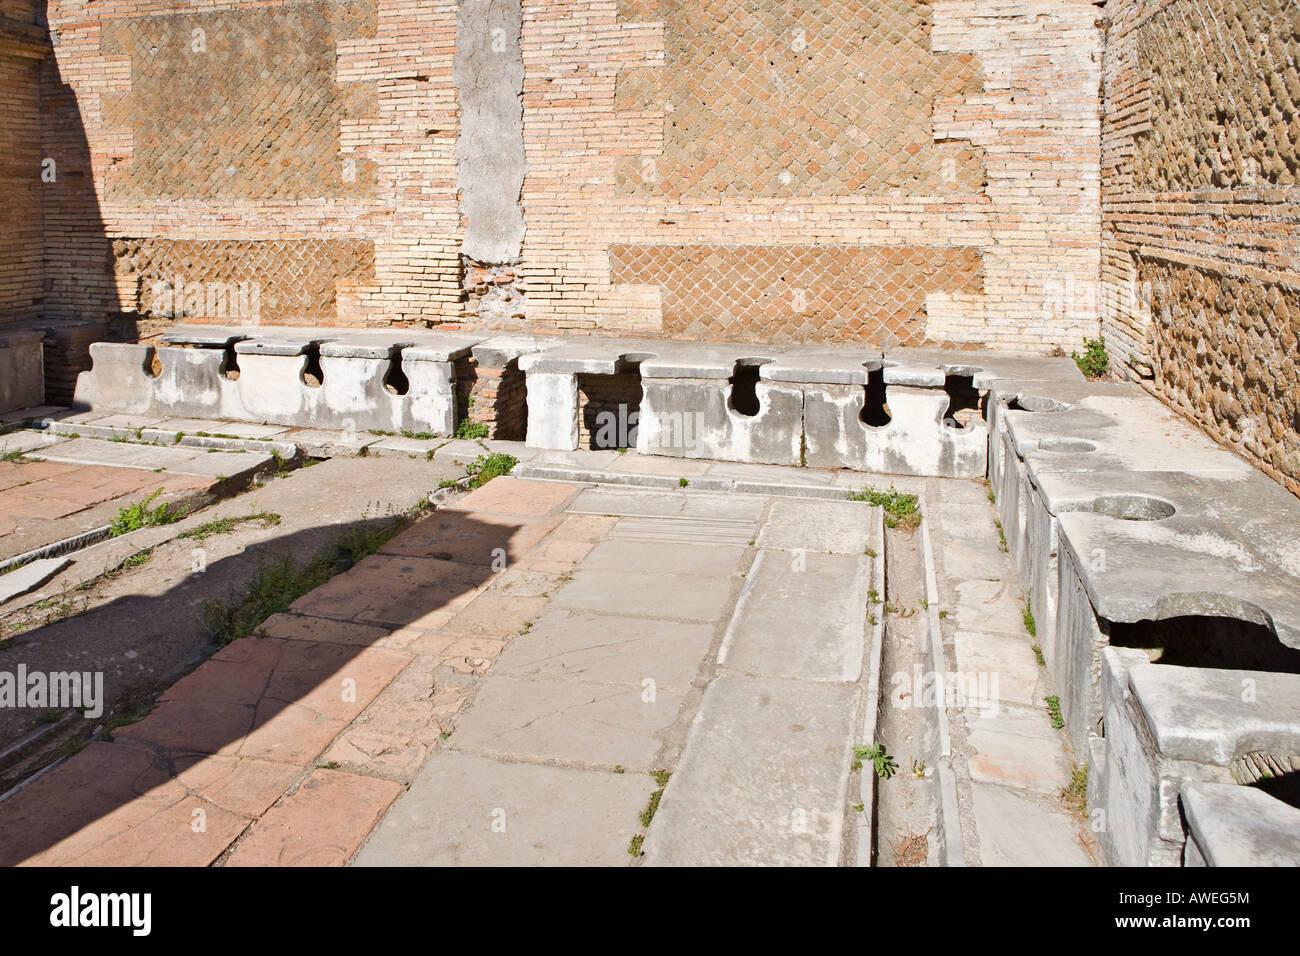 Bagni pubblici roma meglio di panoramica della camera da letto